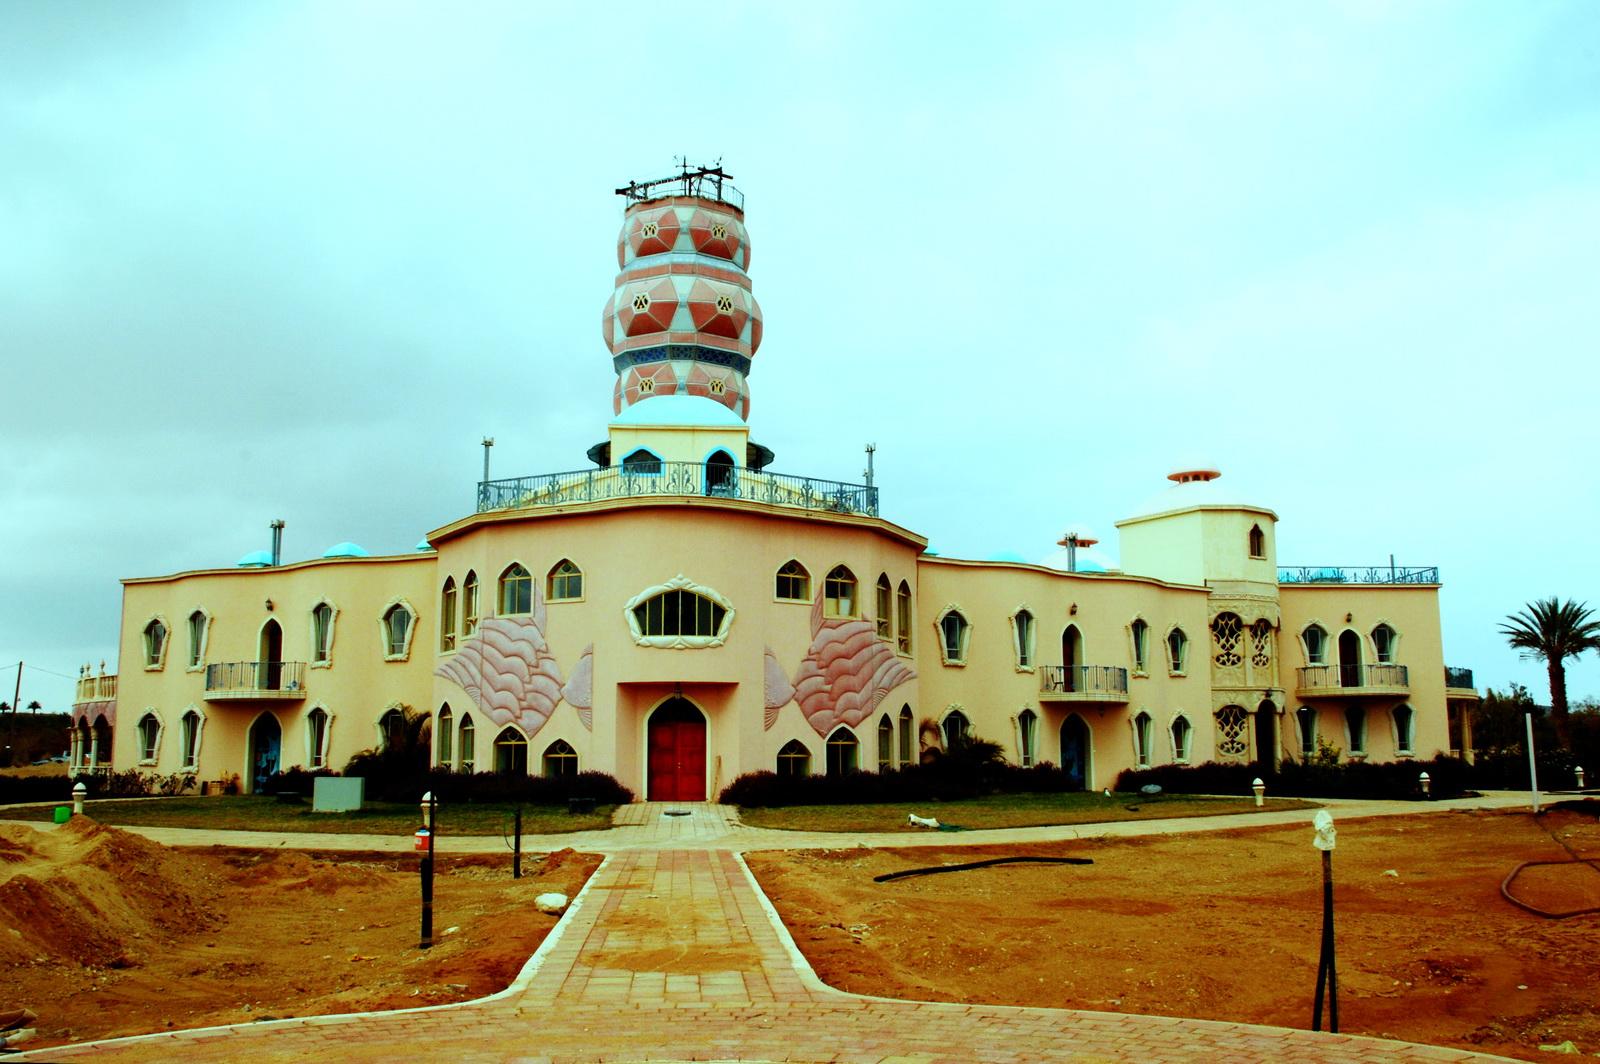 נאות סמדר - המרכז הלימודי